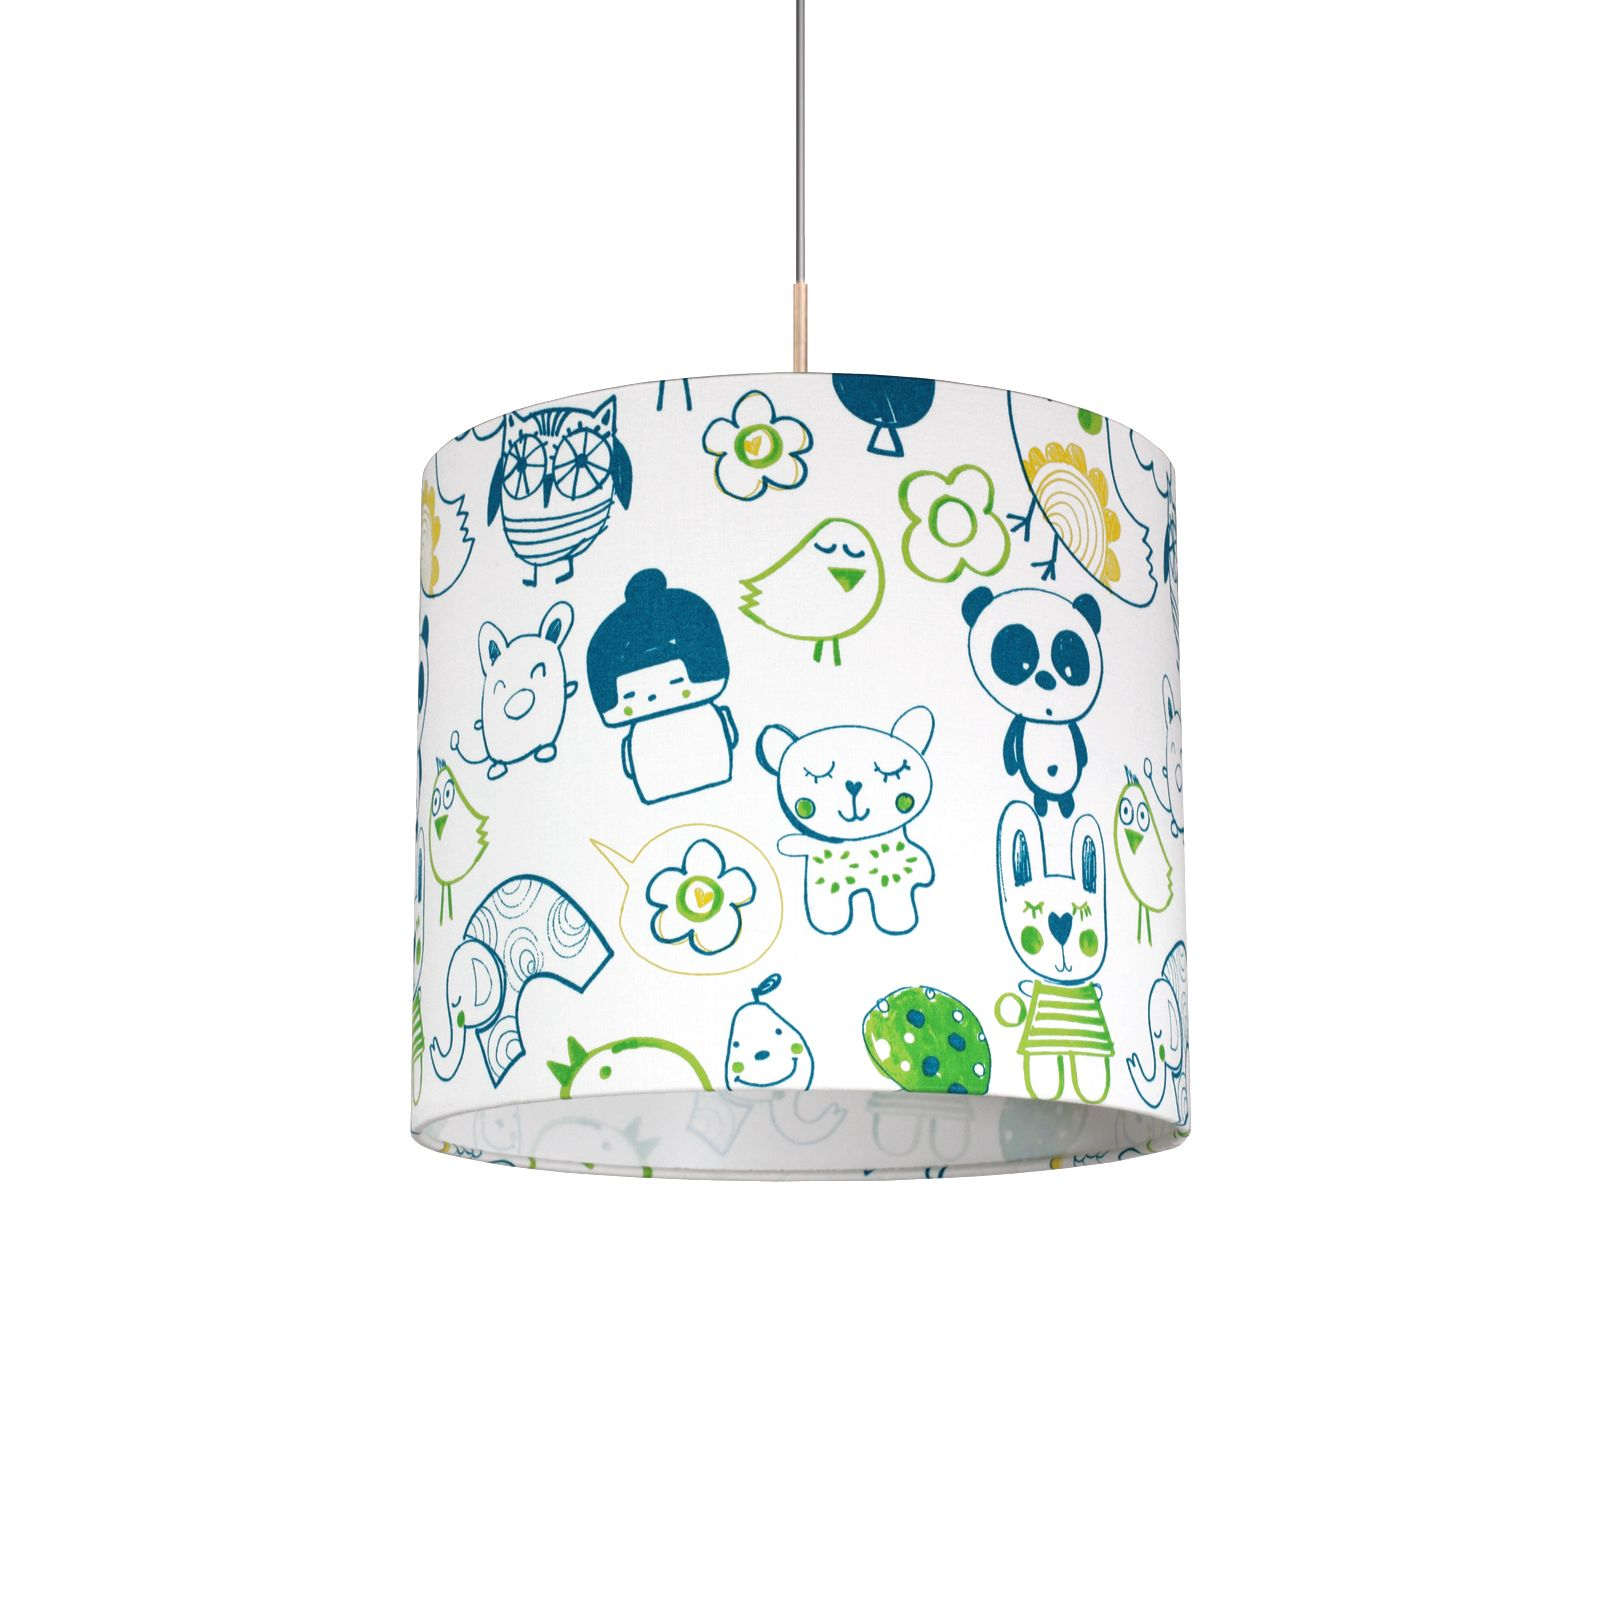 childrens pendant lighting. Modell Sweet By Zappriani Designer Handmade Children Pendant Lamp Gorgeous Home Decor For Your House Childrens Lighting L